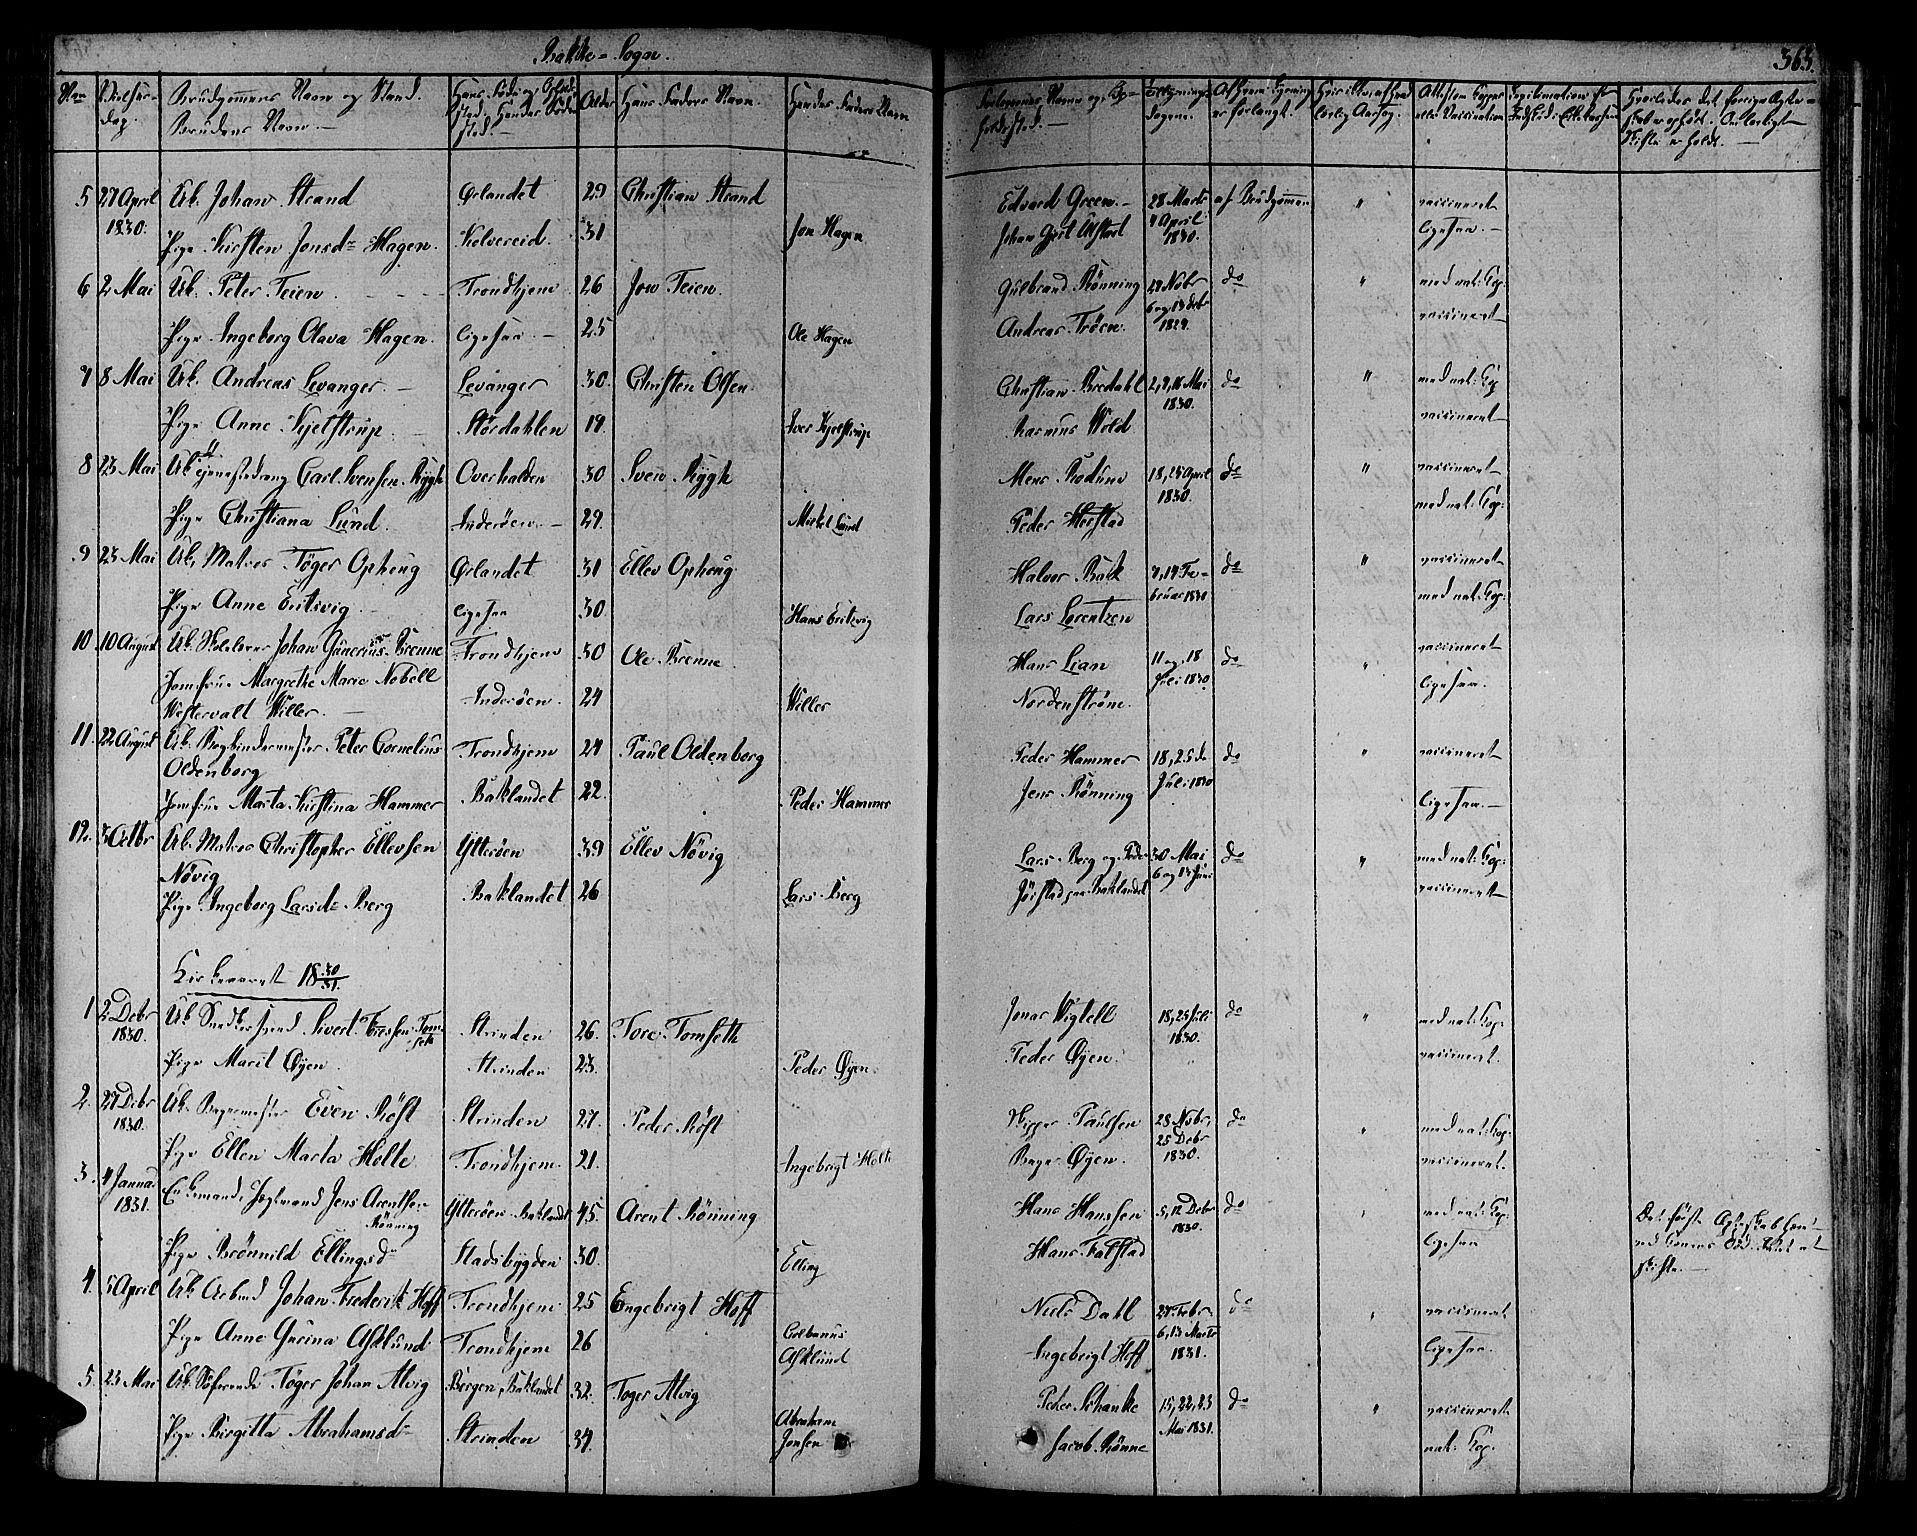 SAT, Ministerialprotokoller, klokkerbøker og fødselsregistre - Sør-Trøndelag, 606/L0287: Ministerialbok nr. 606A04 /2, 1826-1840, s. 363